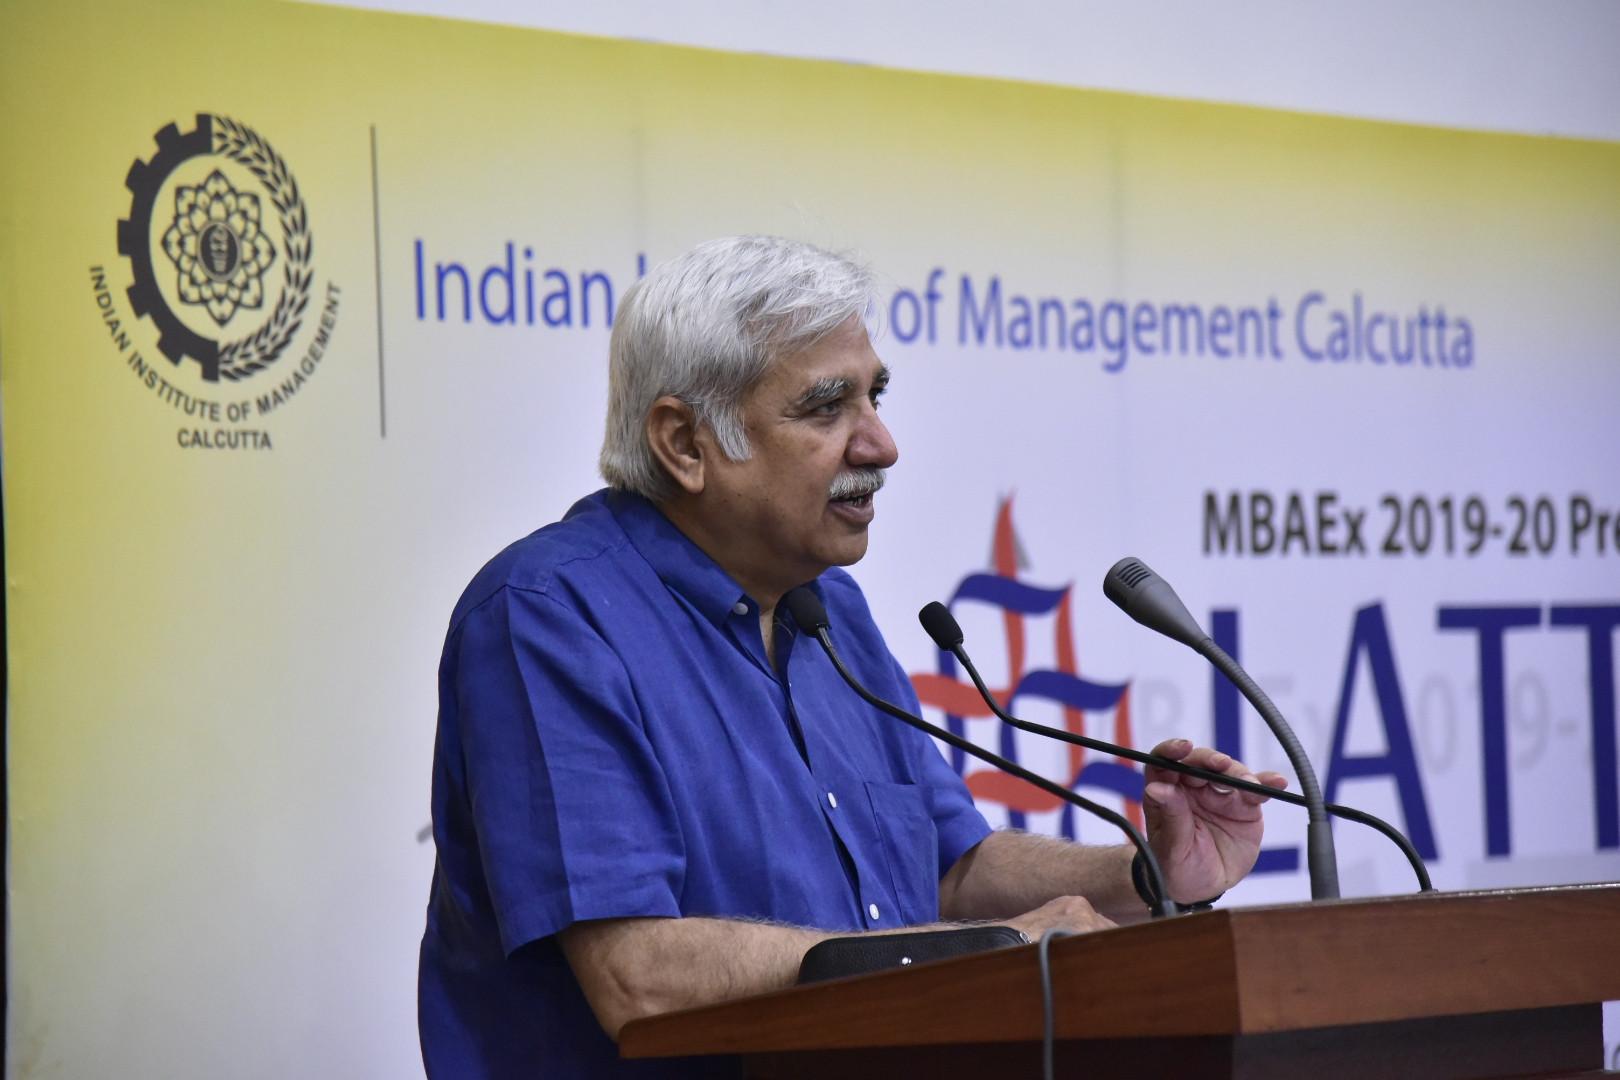 माननीय मुख्य निर्वाचन आयुक्त, श्री सुनील अरोड़ा भारतीय प्रौद्योगिकी संस्थान, कलकत्ता के छात्रों को संबोधित करते हुए